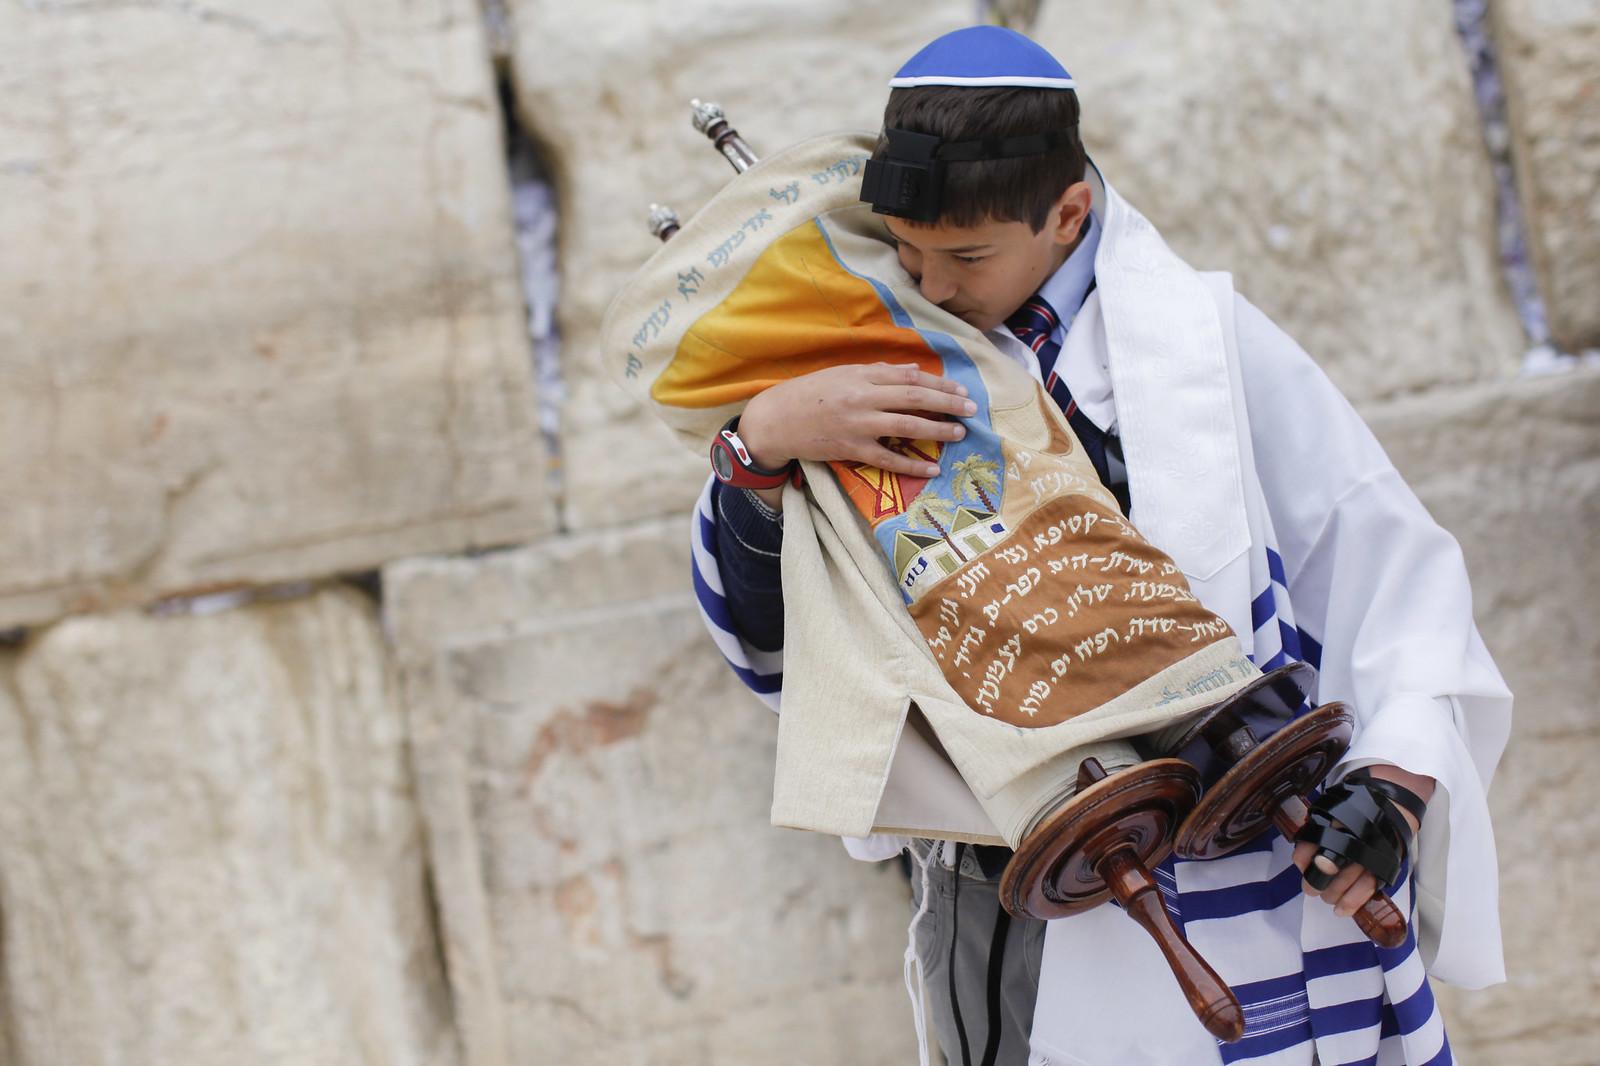 Bar Mitzvah 16_Jerusalem_9734_Yonatan Sindel_Flash 90_IMOT